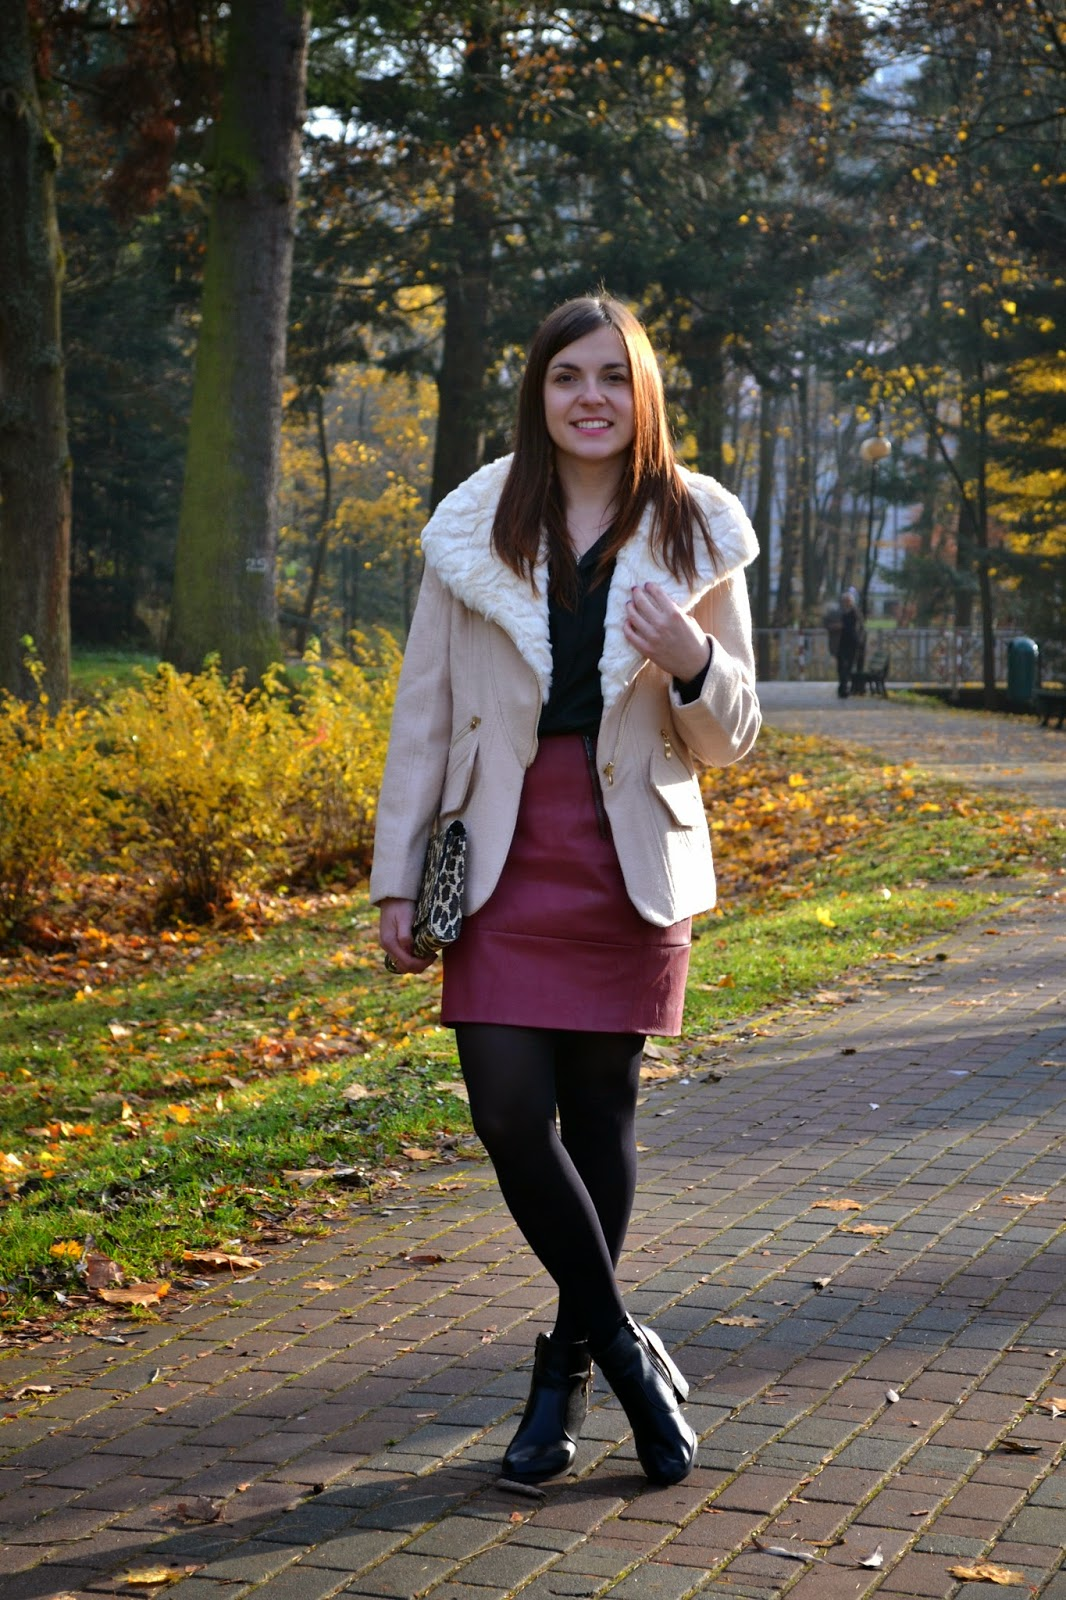 płaszcz z futerkiem, beżowy płaszcz na zimę, białe futerko, futerko z kozakami, futerkowy plaszcz ze spodnica i botkami, bordowa skorzana spódnica